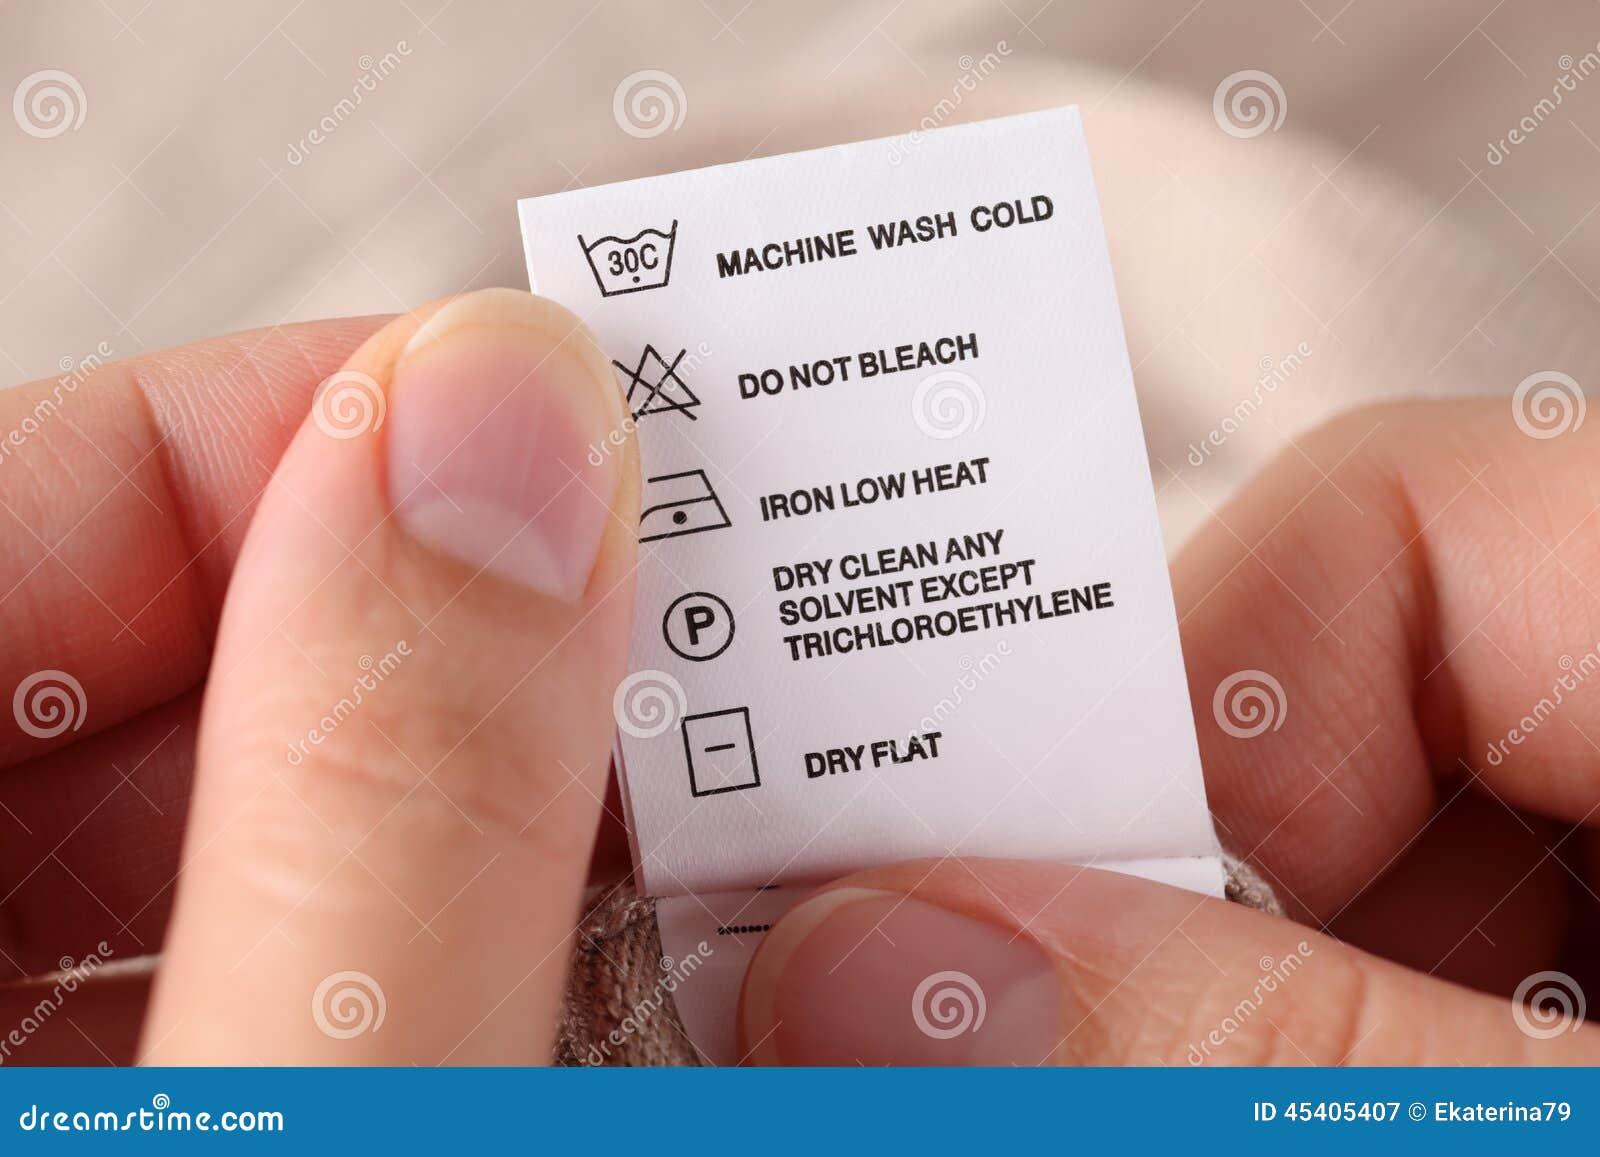 Klerenetiket met het schoonmaken instructies stock foto afbeelding 45405407 - Wrong wash clothesdegrees ...